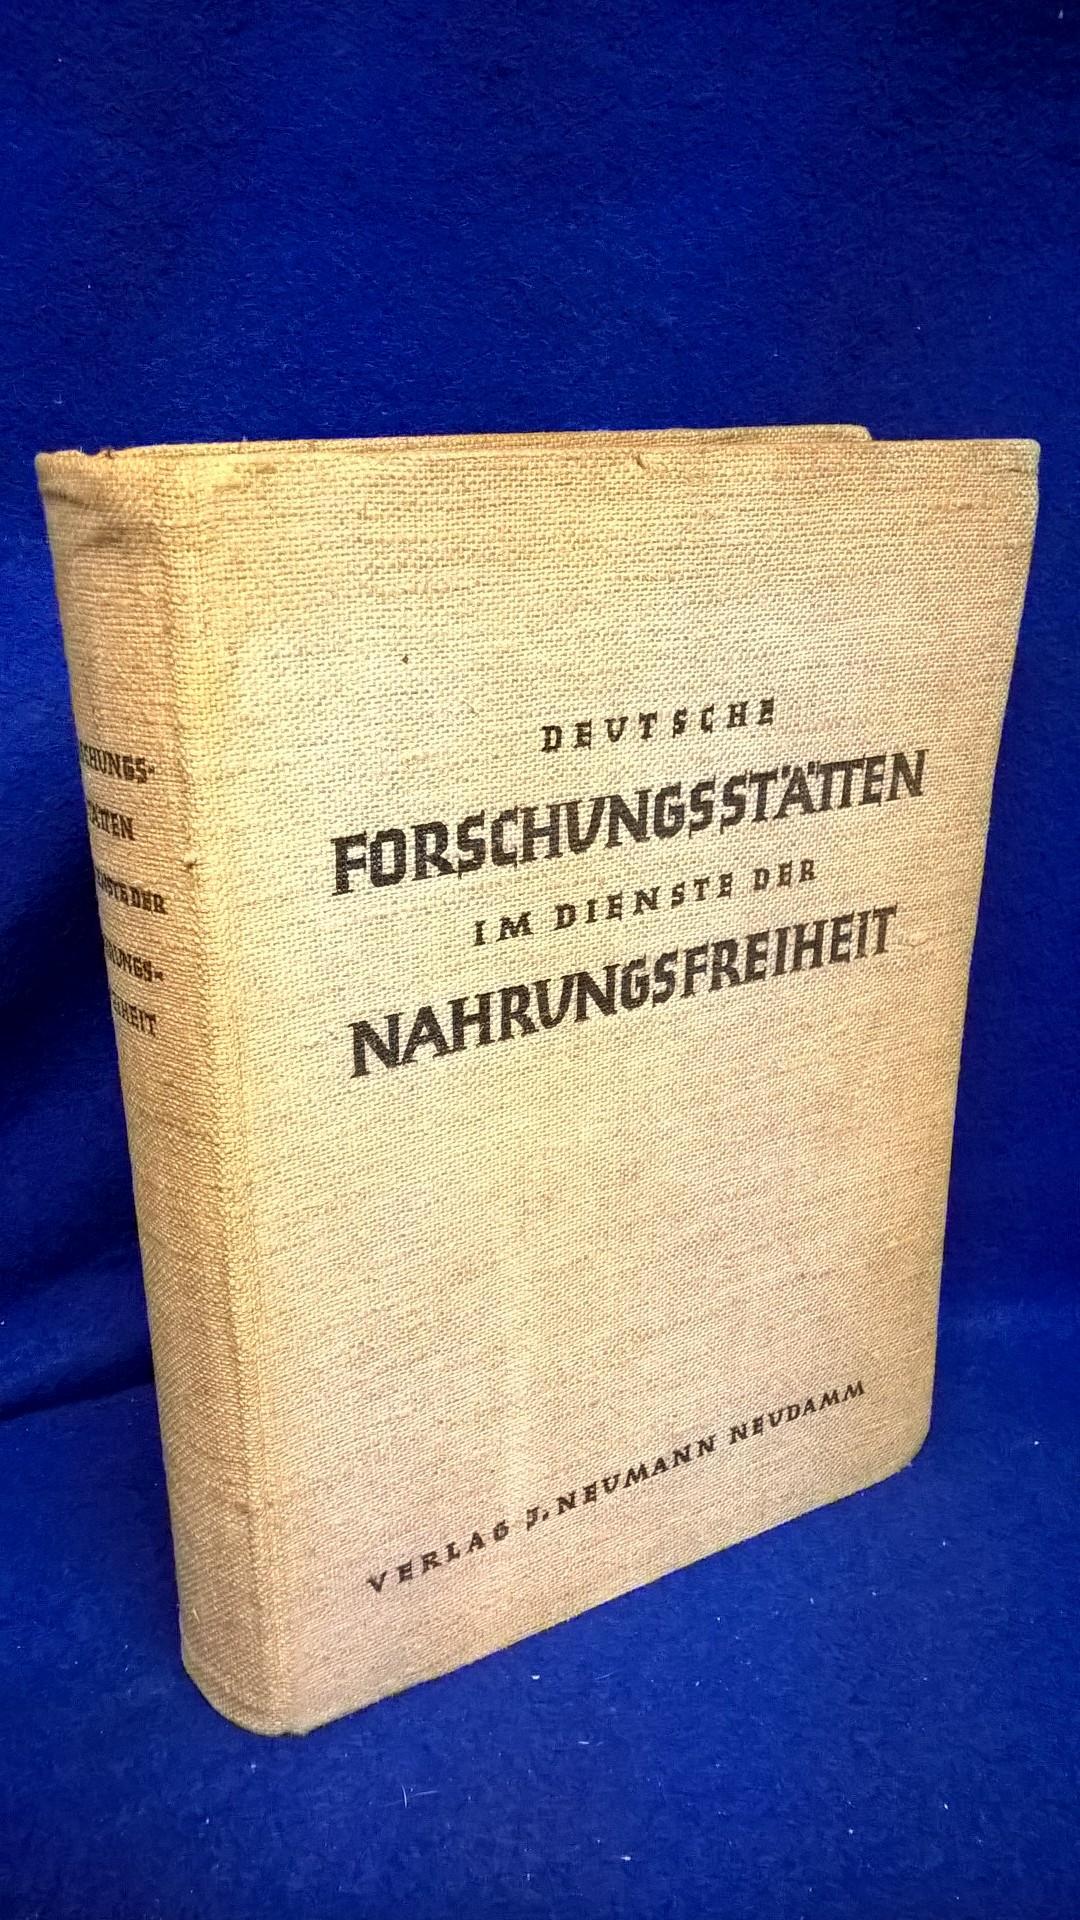 Deutsche Forschungsstätten im Dienste der Nahrungsfreiheit